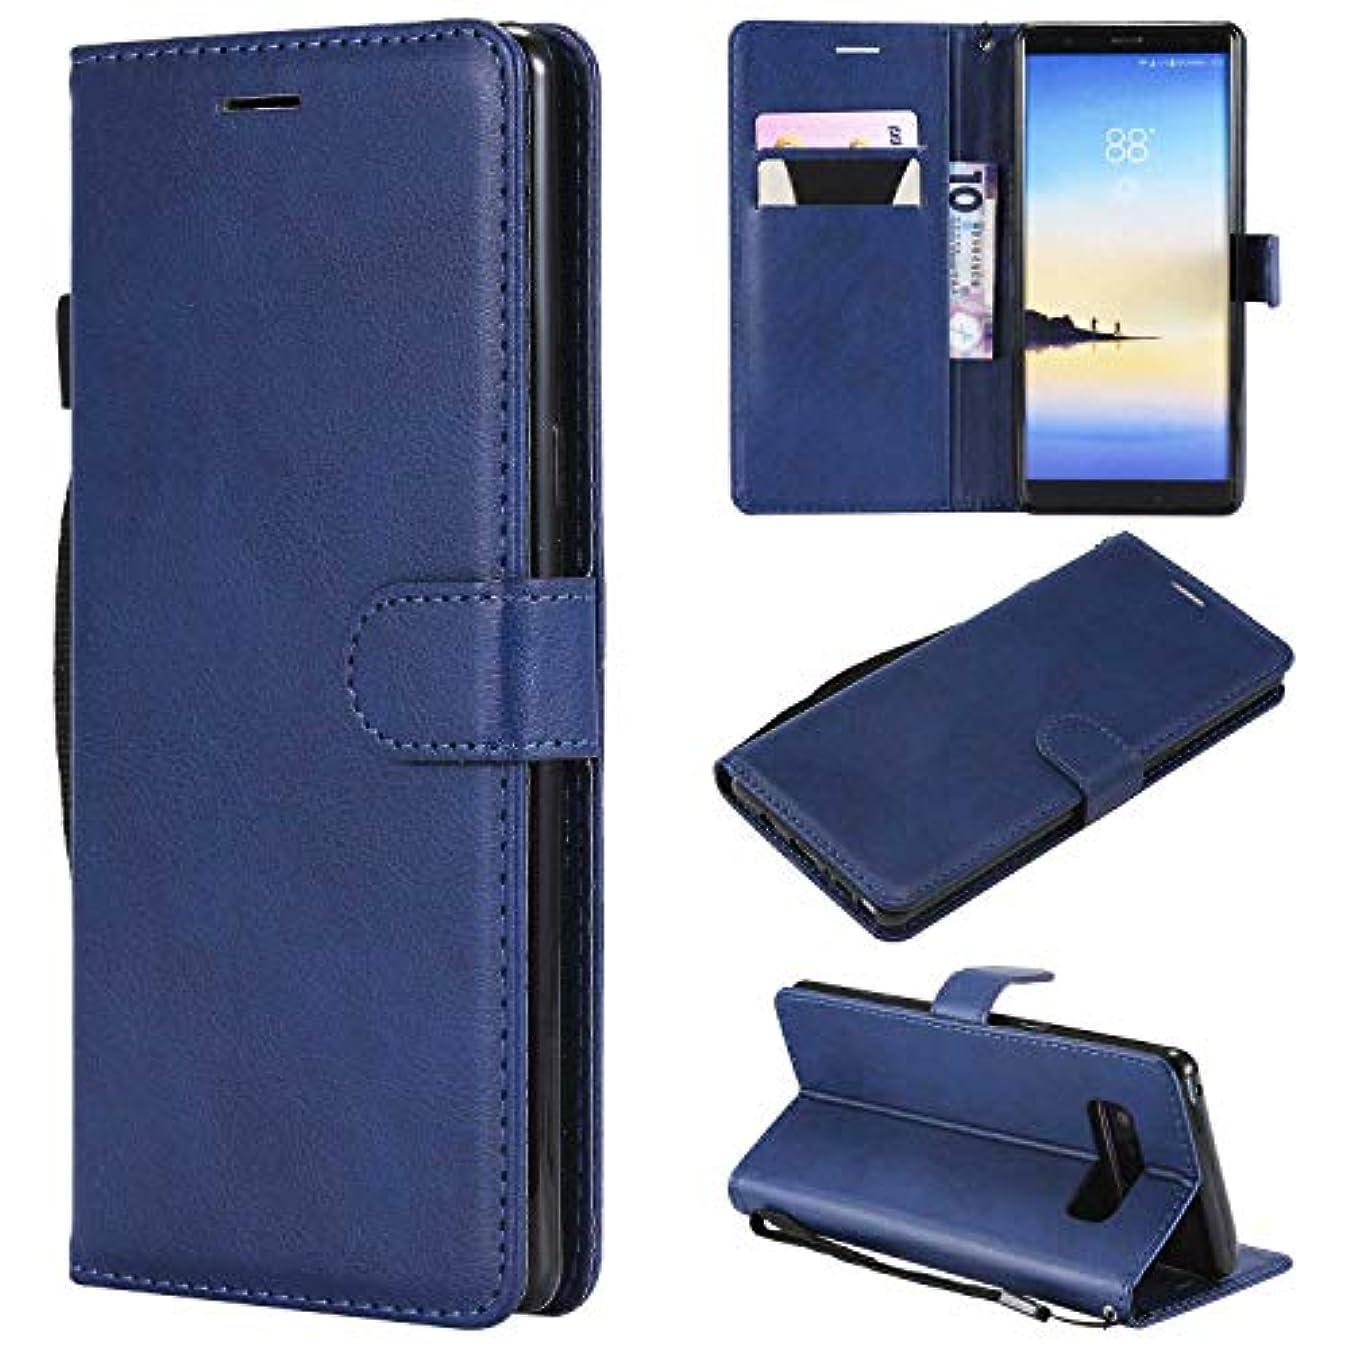 受粉する政治家結果としてGalaxy Note 8 ケース手帳型 OMATENTI レザー 革 薄型 手帳型カバー カード入れ スタンド機能 サムスン Galaxy Note 8 おしゃれ 手帳ケース (6-ブルー)